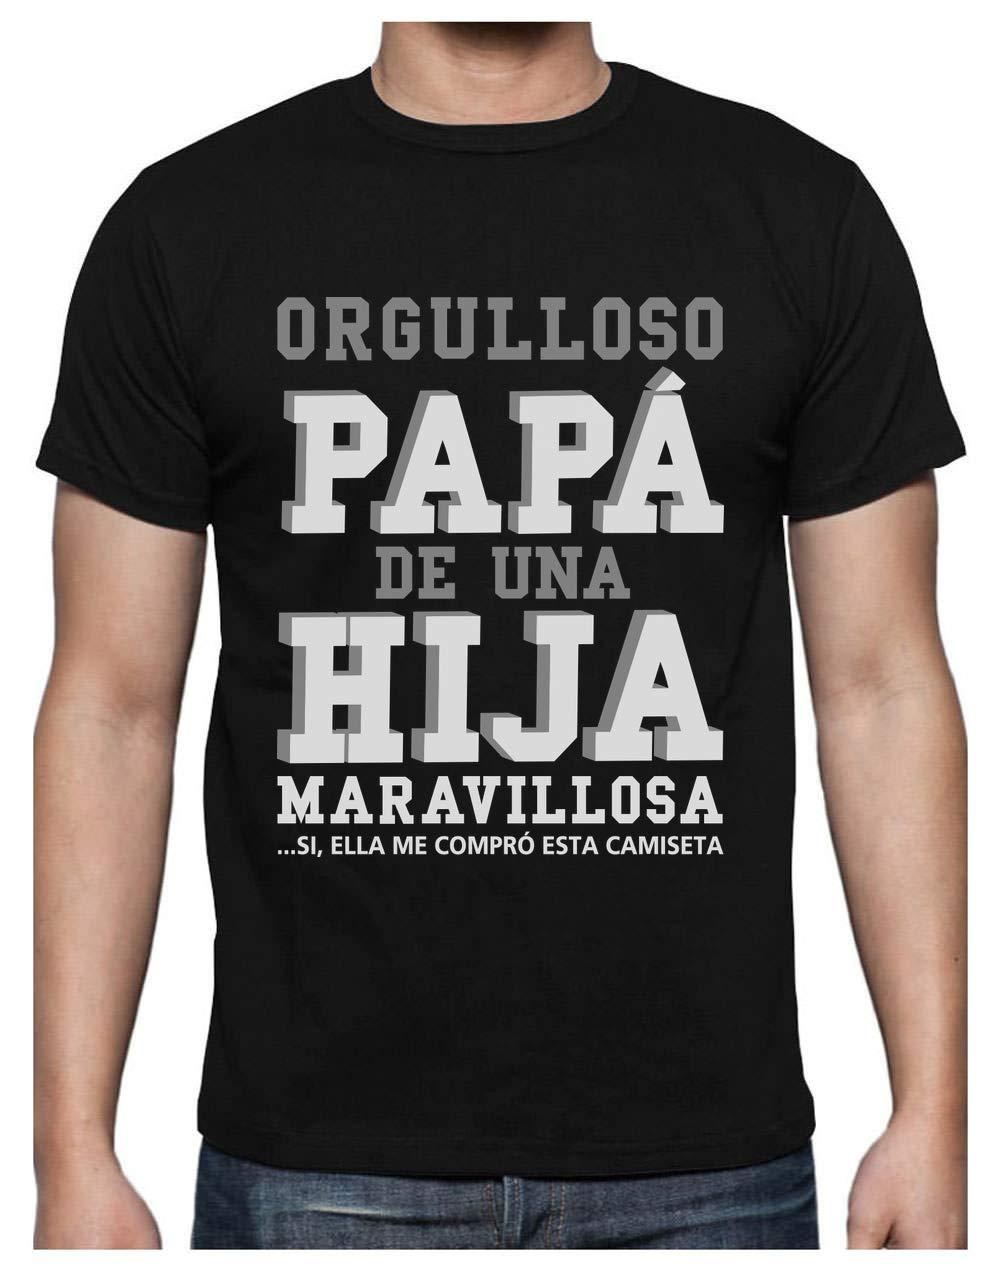 Green Turtle T-Shirts Camiseta para Hombre – Regalos para Hombre, Regalos para Padres. Camisetas Hombre Originales y Divertidas – Orgulloso Papá de una Hija Maravillosa